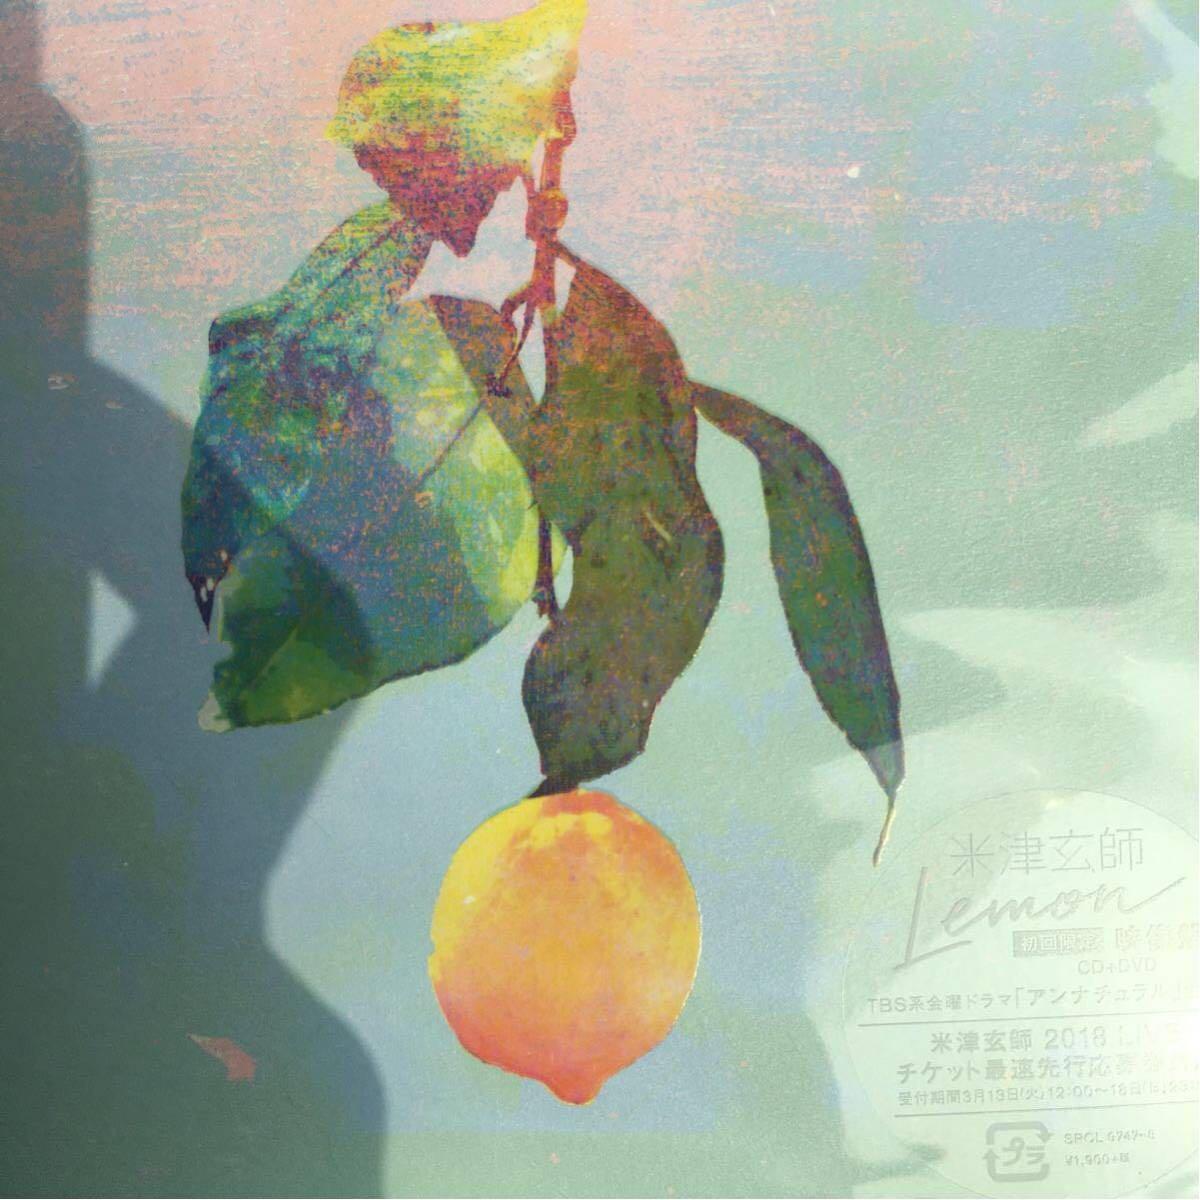 即決 米津玄師 Lemon 映像盤 初回限定盤 (CD DVD) 新品未